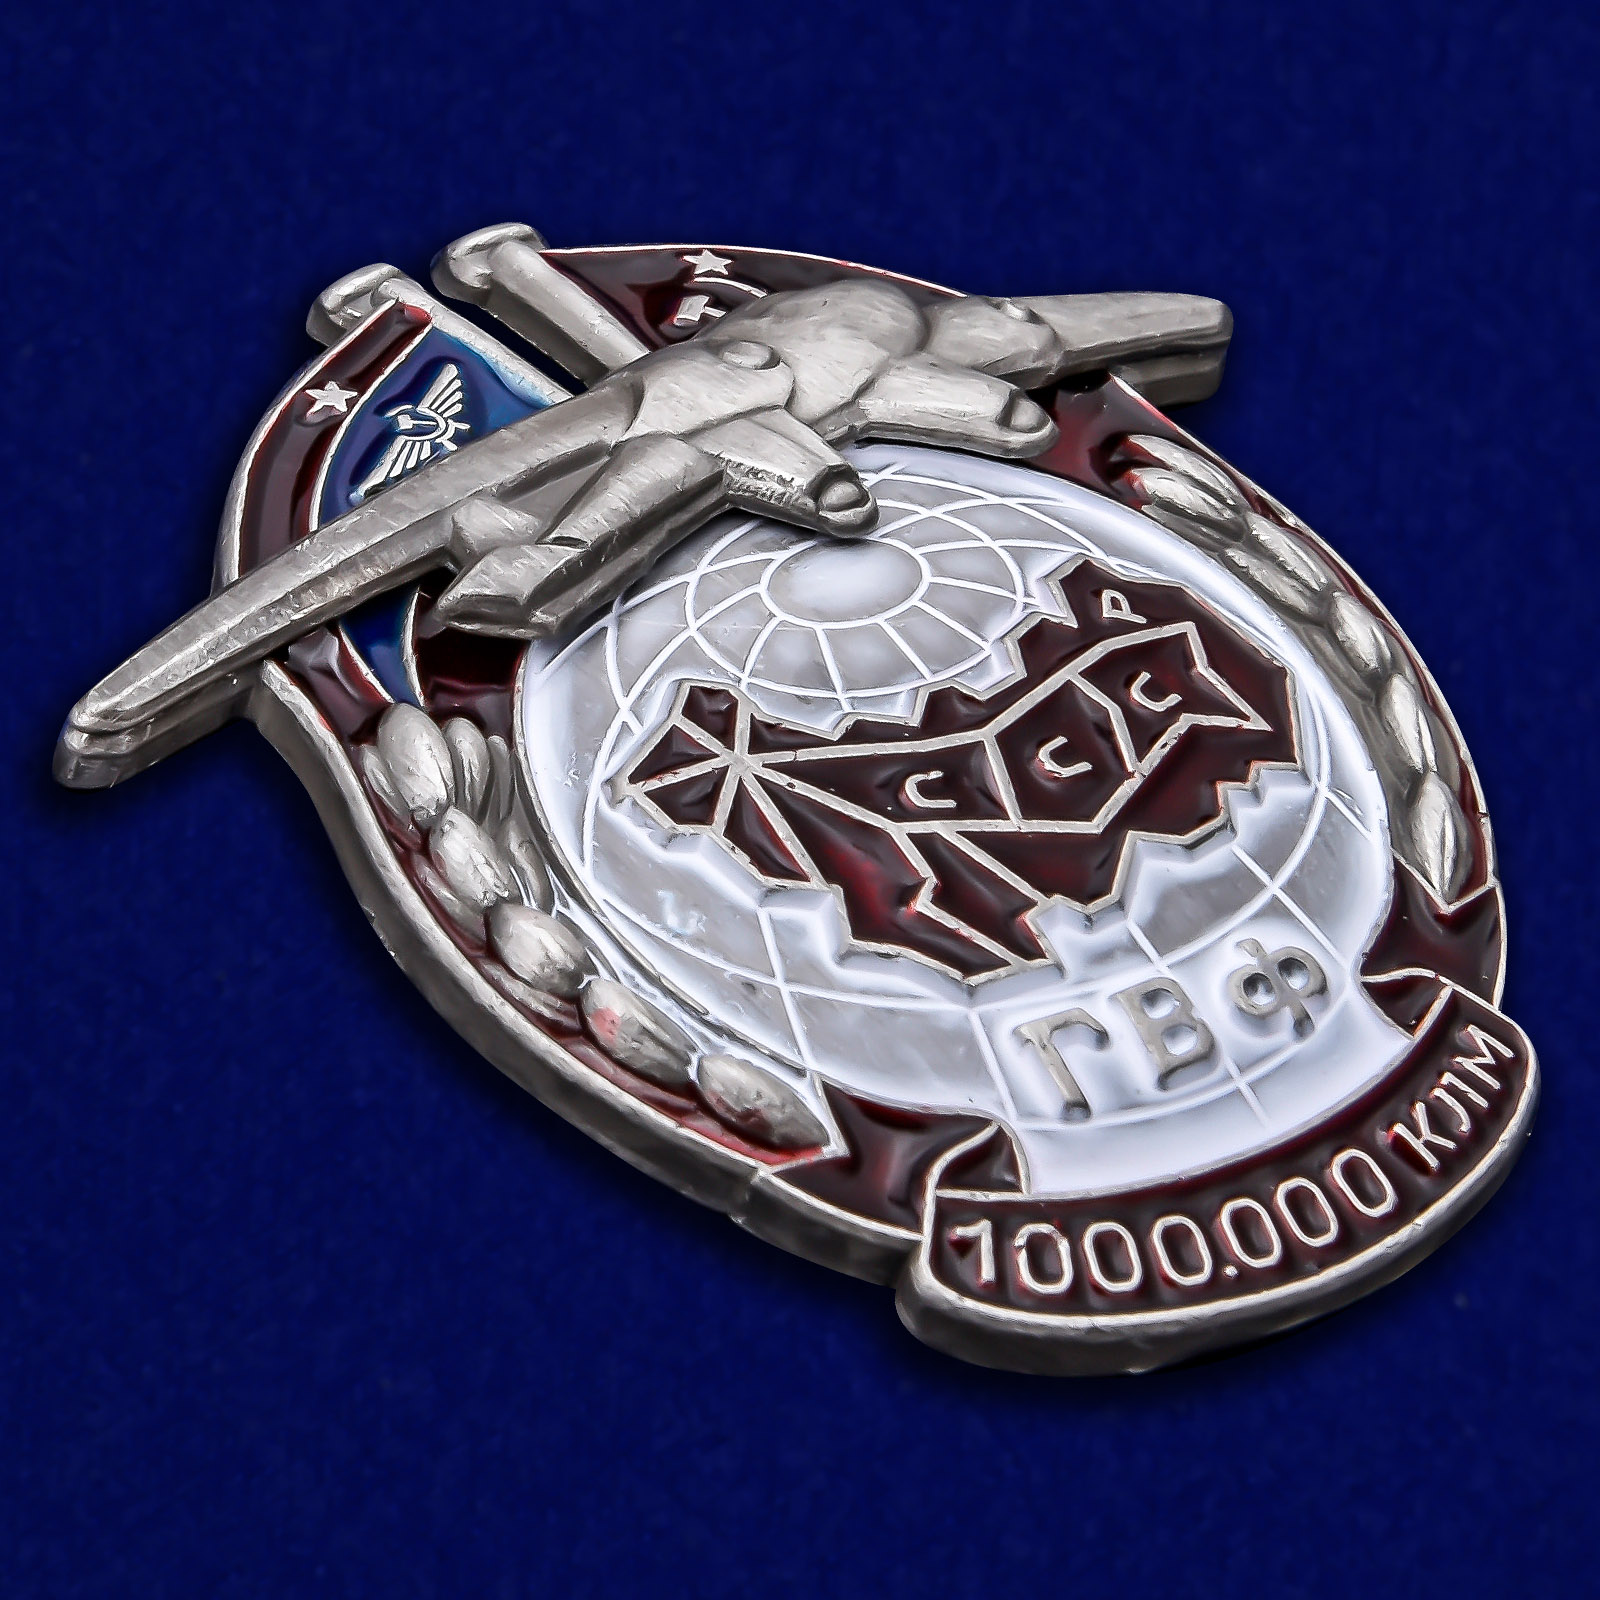 Наградной знак ГВФ За налет 1000 тыс. км - общий вид